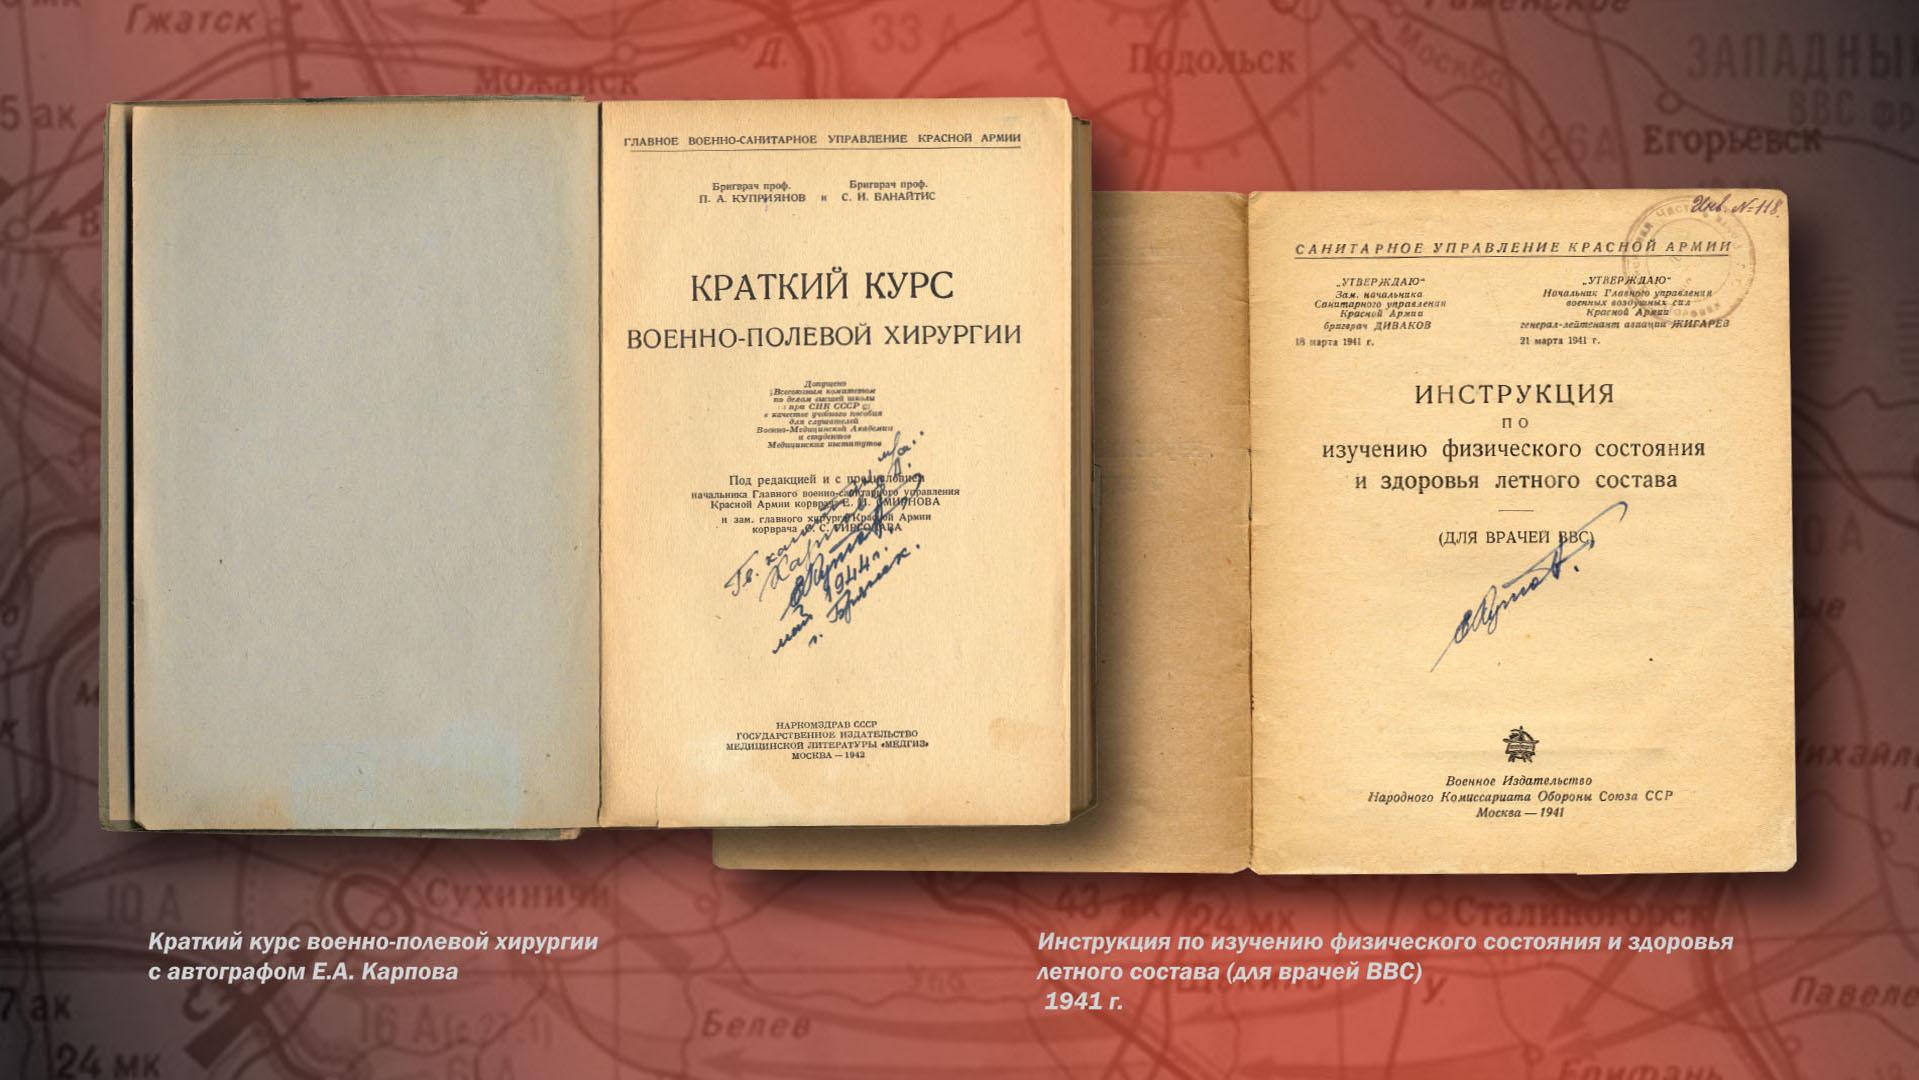 Брошюры с автографами Е.А. Карпова